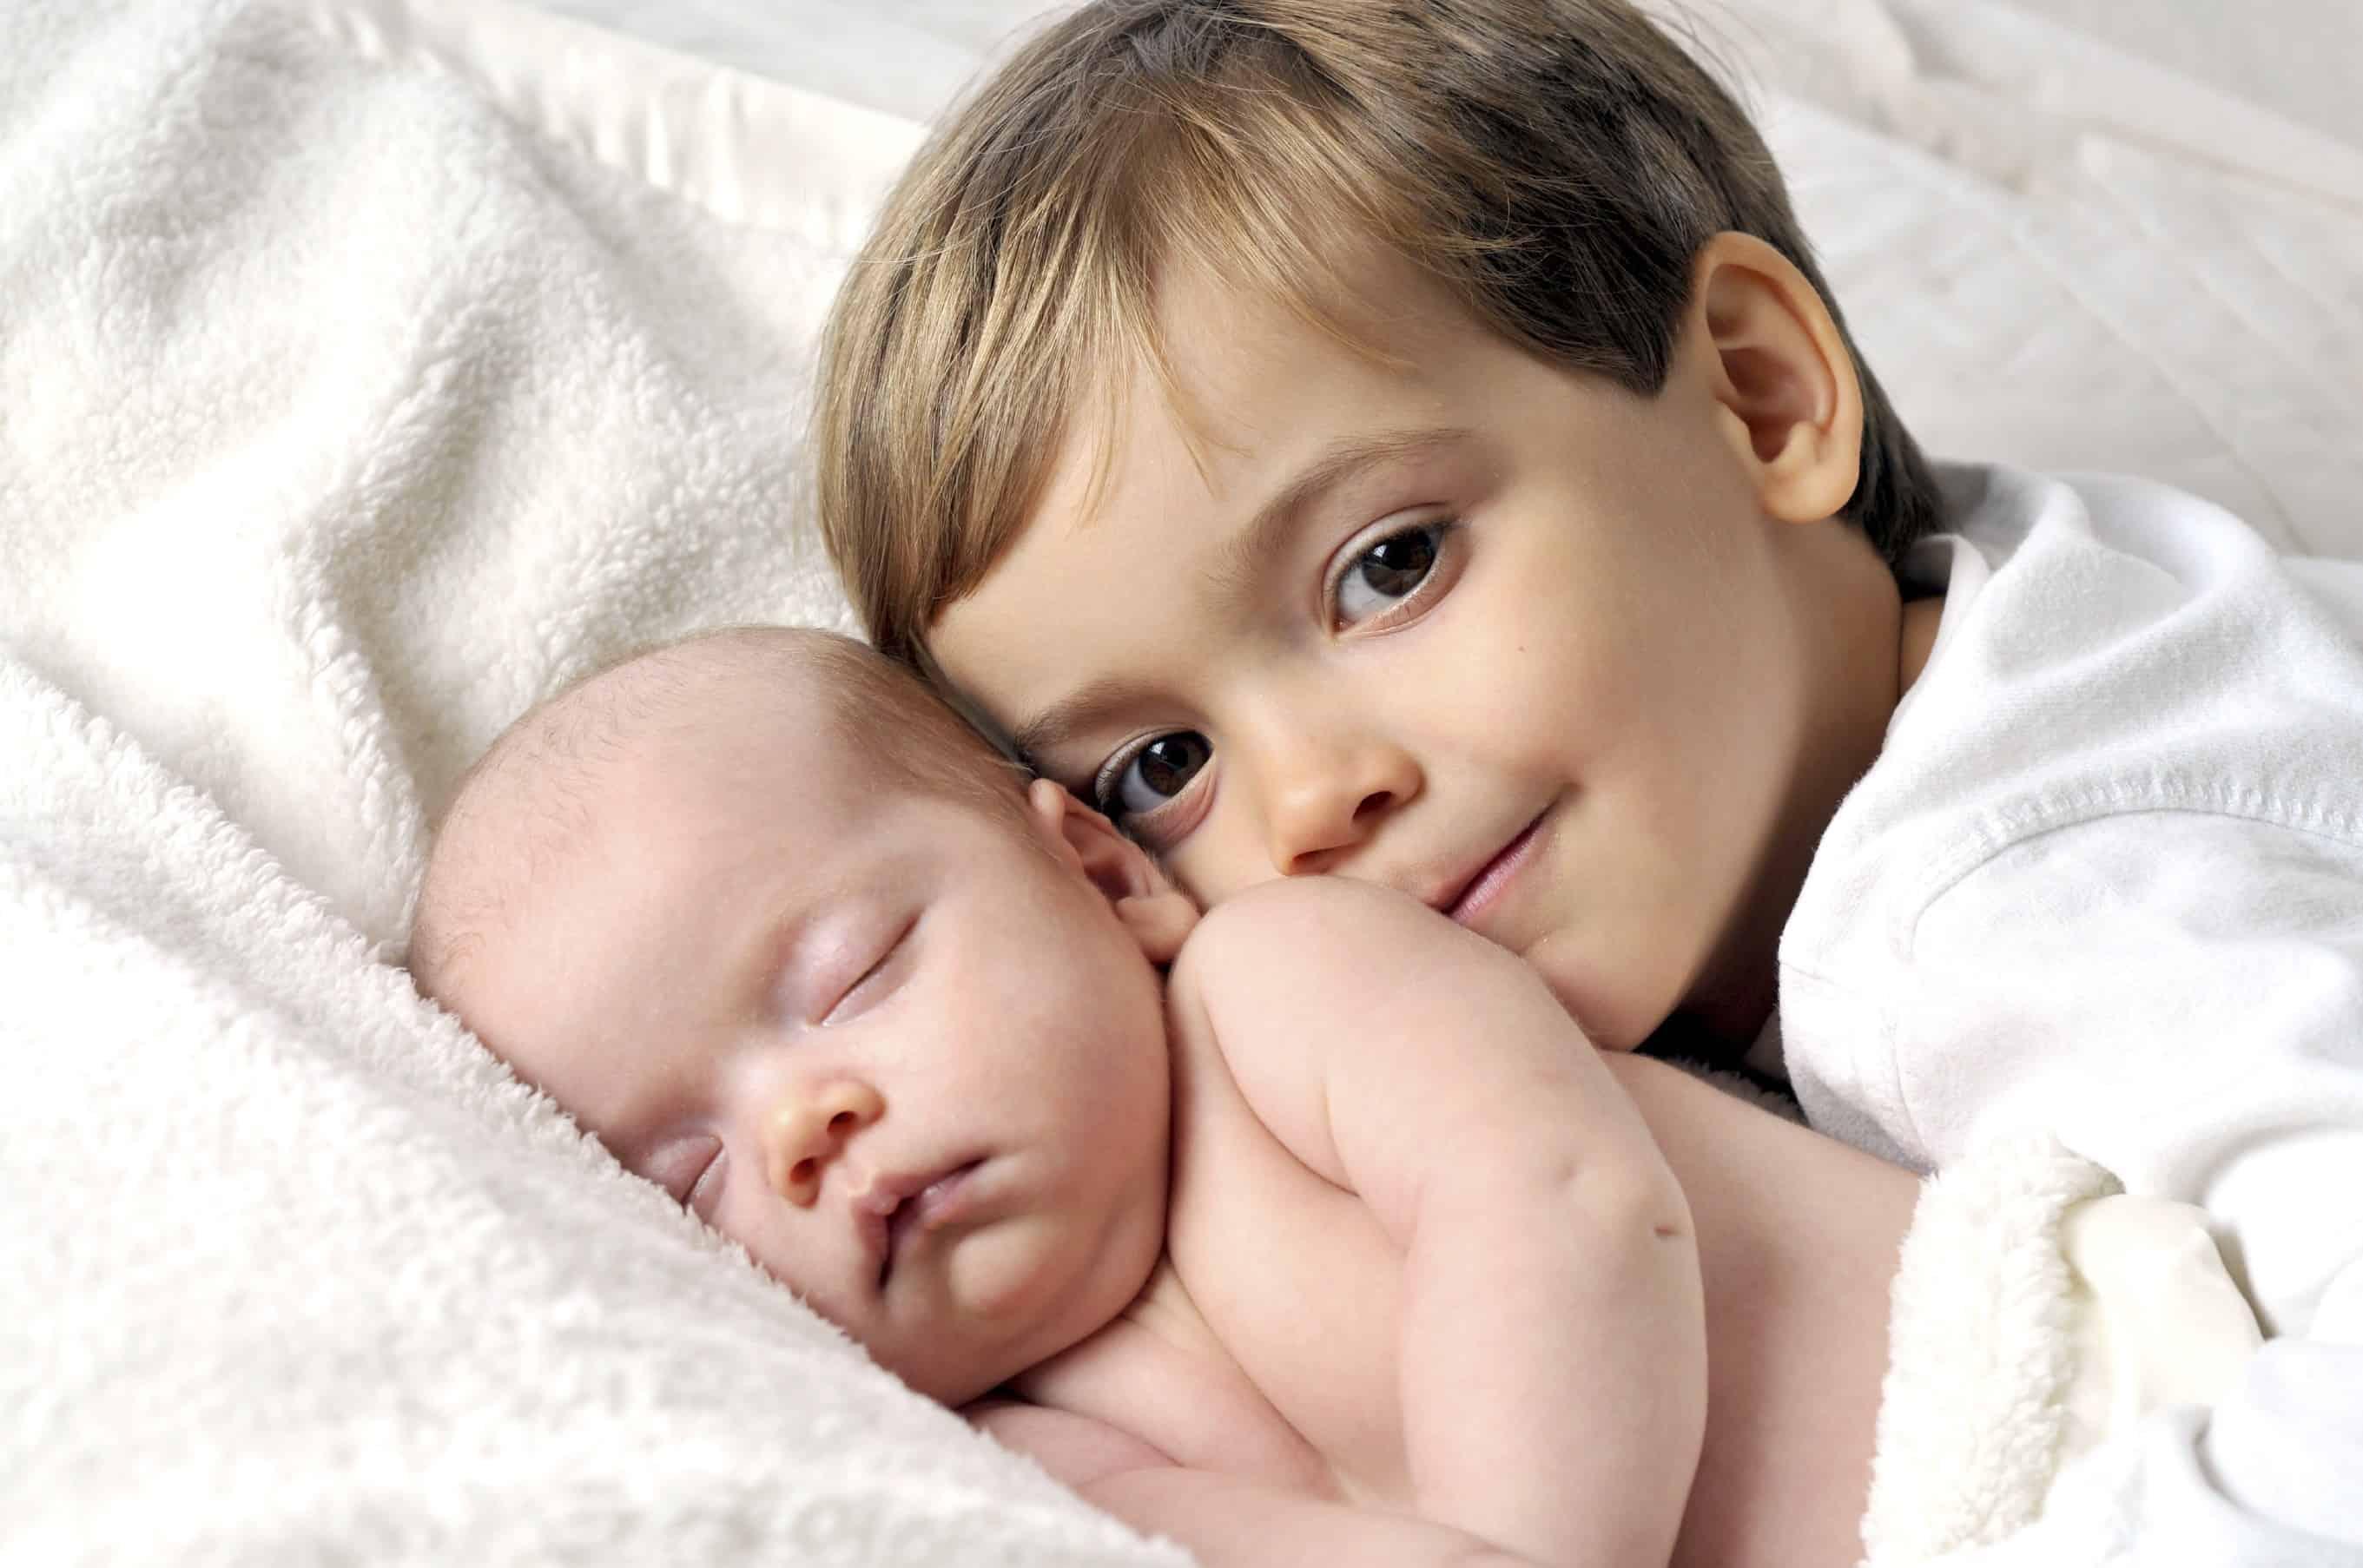 غيرة الطفل من المولود